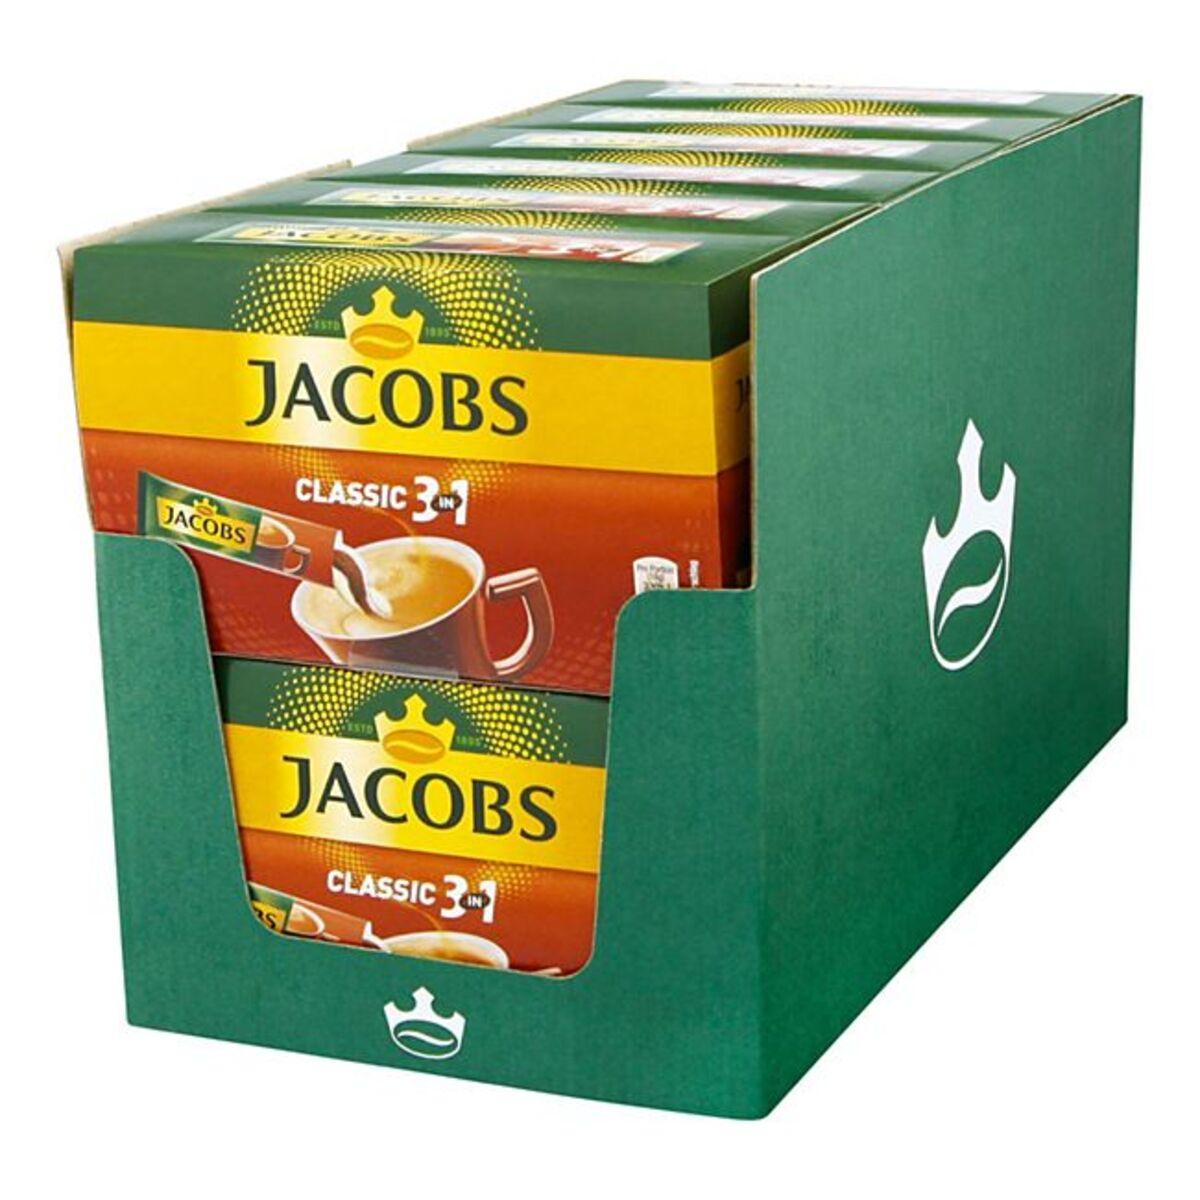 Bild 1 von Jacobs Kaffeesticks 3in1 180 g, 12er Pack